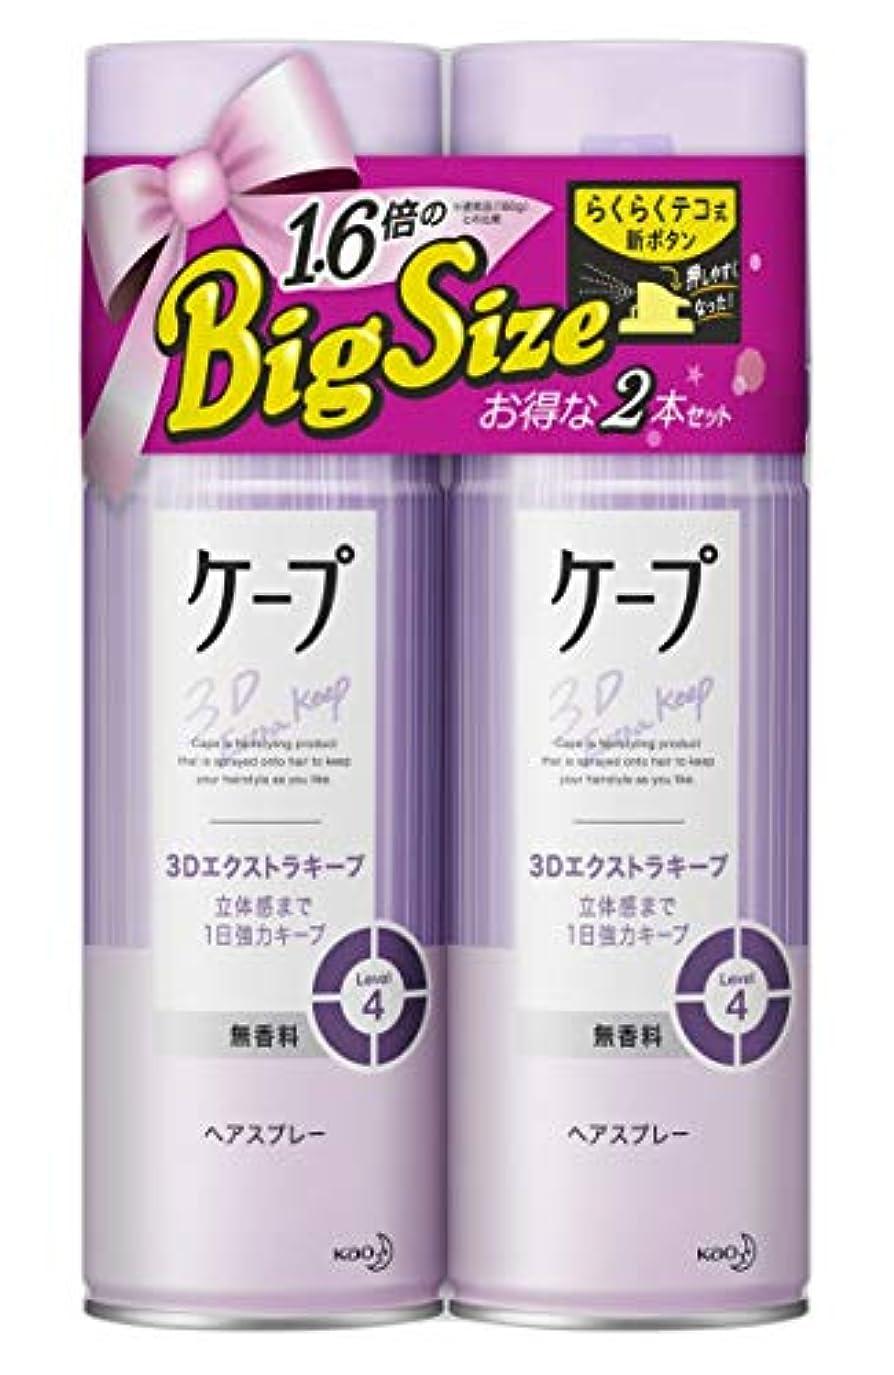 石鹸そこ団結【まとめ買い】 ケープ 3D エスクトラキープ 無香料 特大 300g×2個 セット